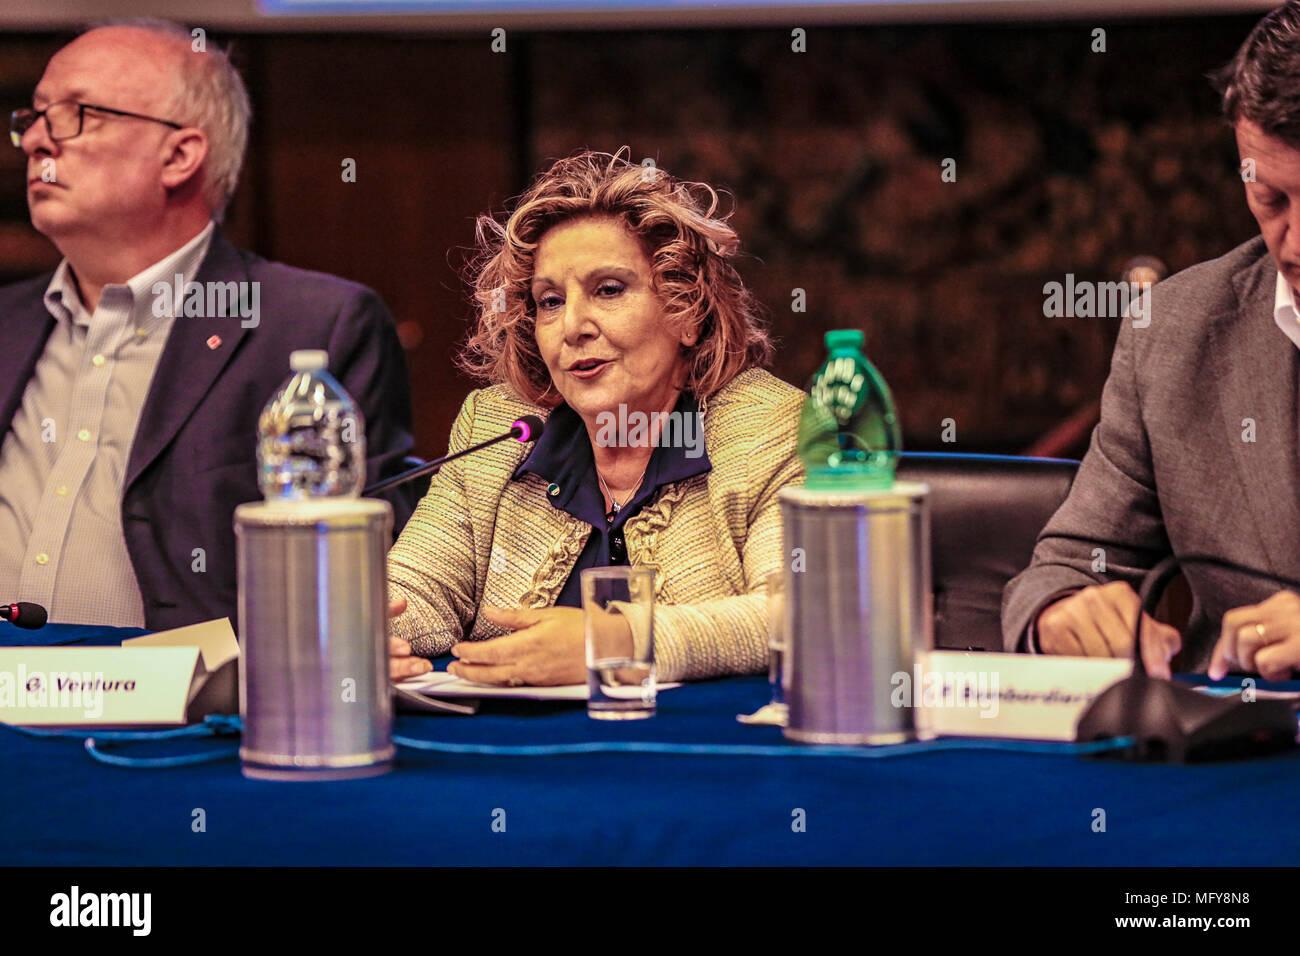 Italy. 26th Apr, 2018. Presentazione e Conferenza Stampa del Concertone 1° Maggio di Piaza S: Giovanni a Viale Mazzini sede RAI a Roma/ nELLE FOTO I SEGRETARI CONFEDERALI CGIL, CISL UIL, STEFANO COLETTA, PAOLA MARCHESINI, ALESSANDRO LOSTIA, MASSDIMO BONELLI, I PRESENTATORI 2018 AMBRA ANGIOLINI E LODO GUENZI/@danielafranceschelliPH/PacificPressAgency Press conference of the concertone of the 1st May of piazza S.Giovanni performed in Rai office in Viale Mazzini. Credit: Daniela Franceschelli/Pacific Press/Alamy Live News Stock Photo